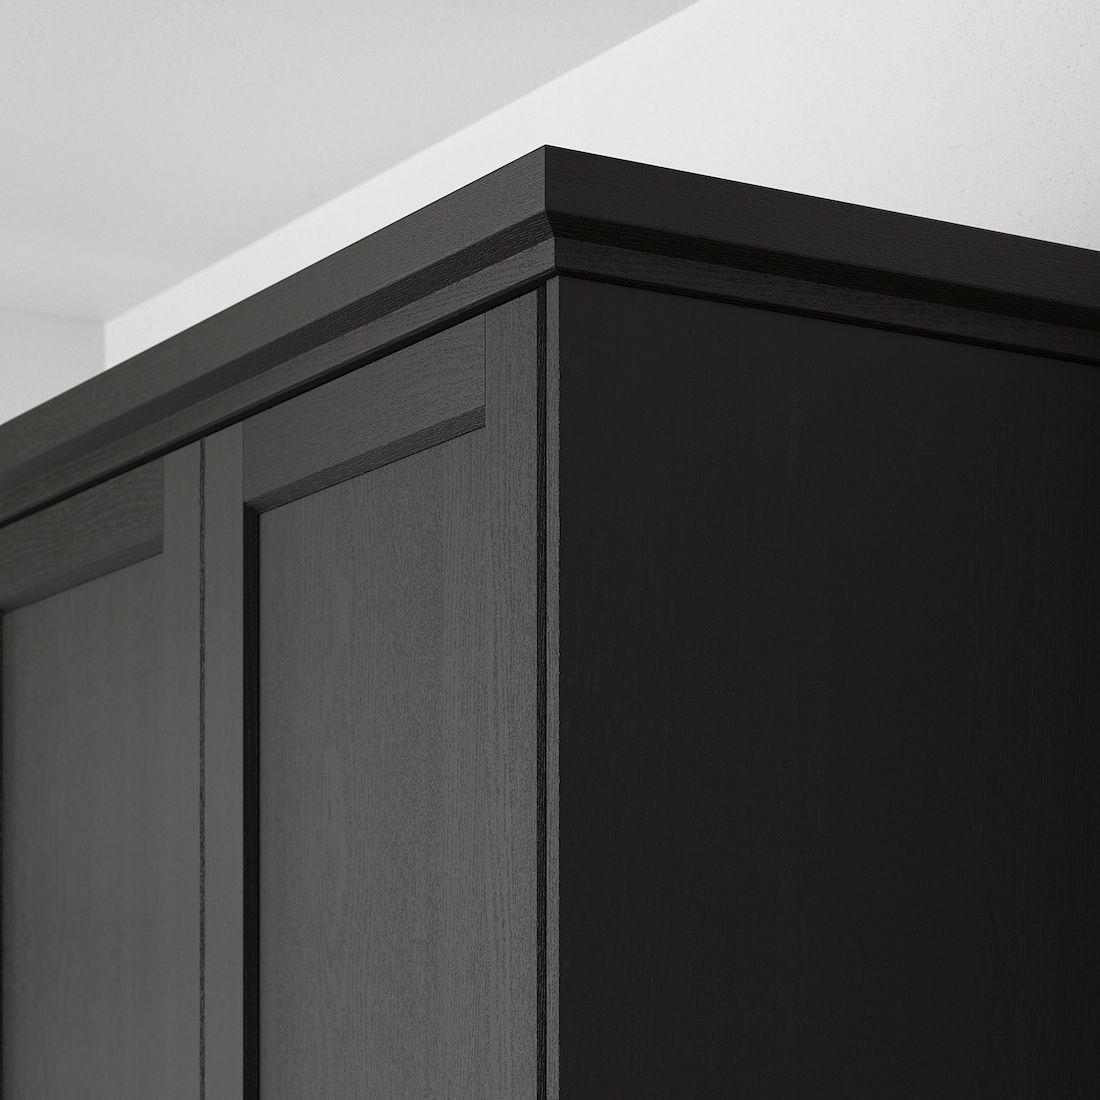 Best Lerhyttan Deco Str*P Contoured Edge Black Stained 87 400 x 300